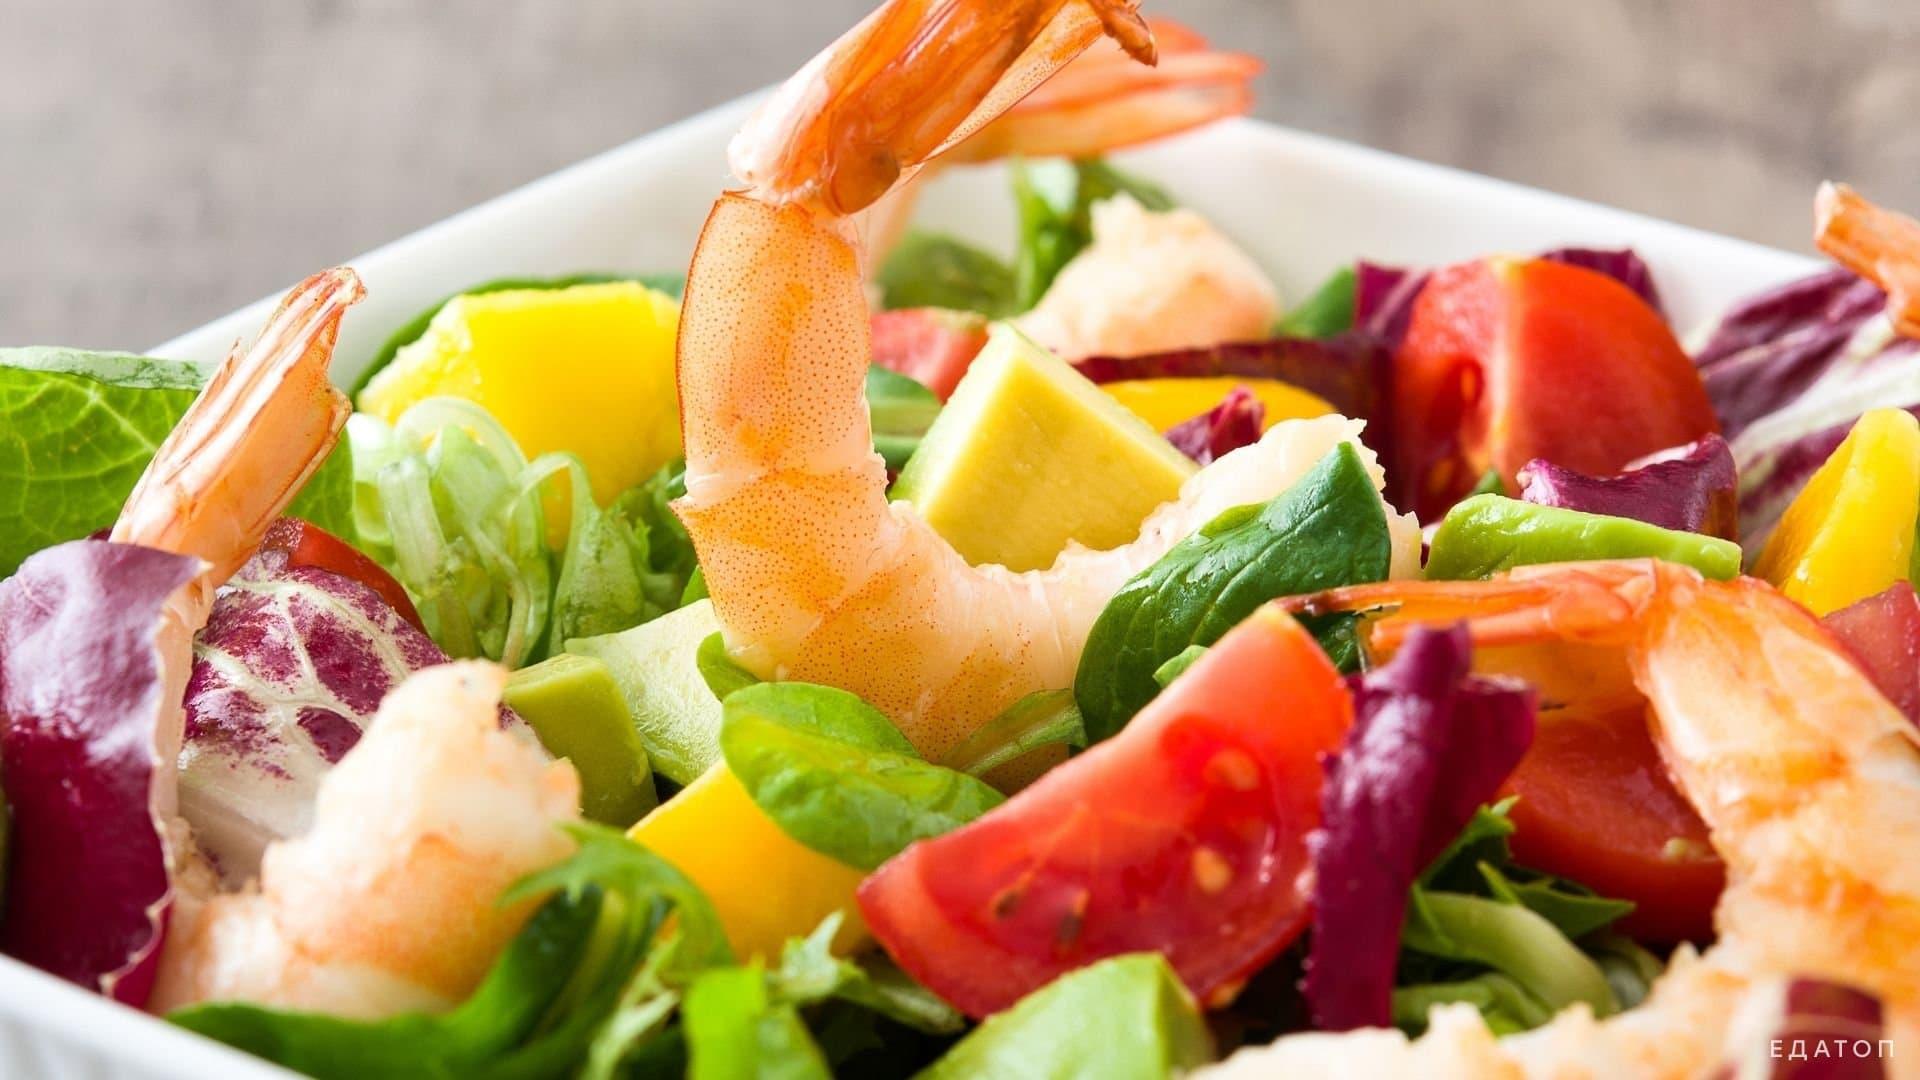 Салат из морепродуктов не только вкусен, но и очень полезен.